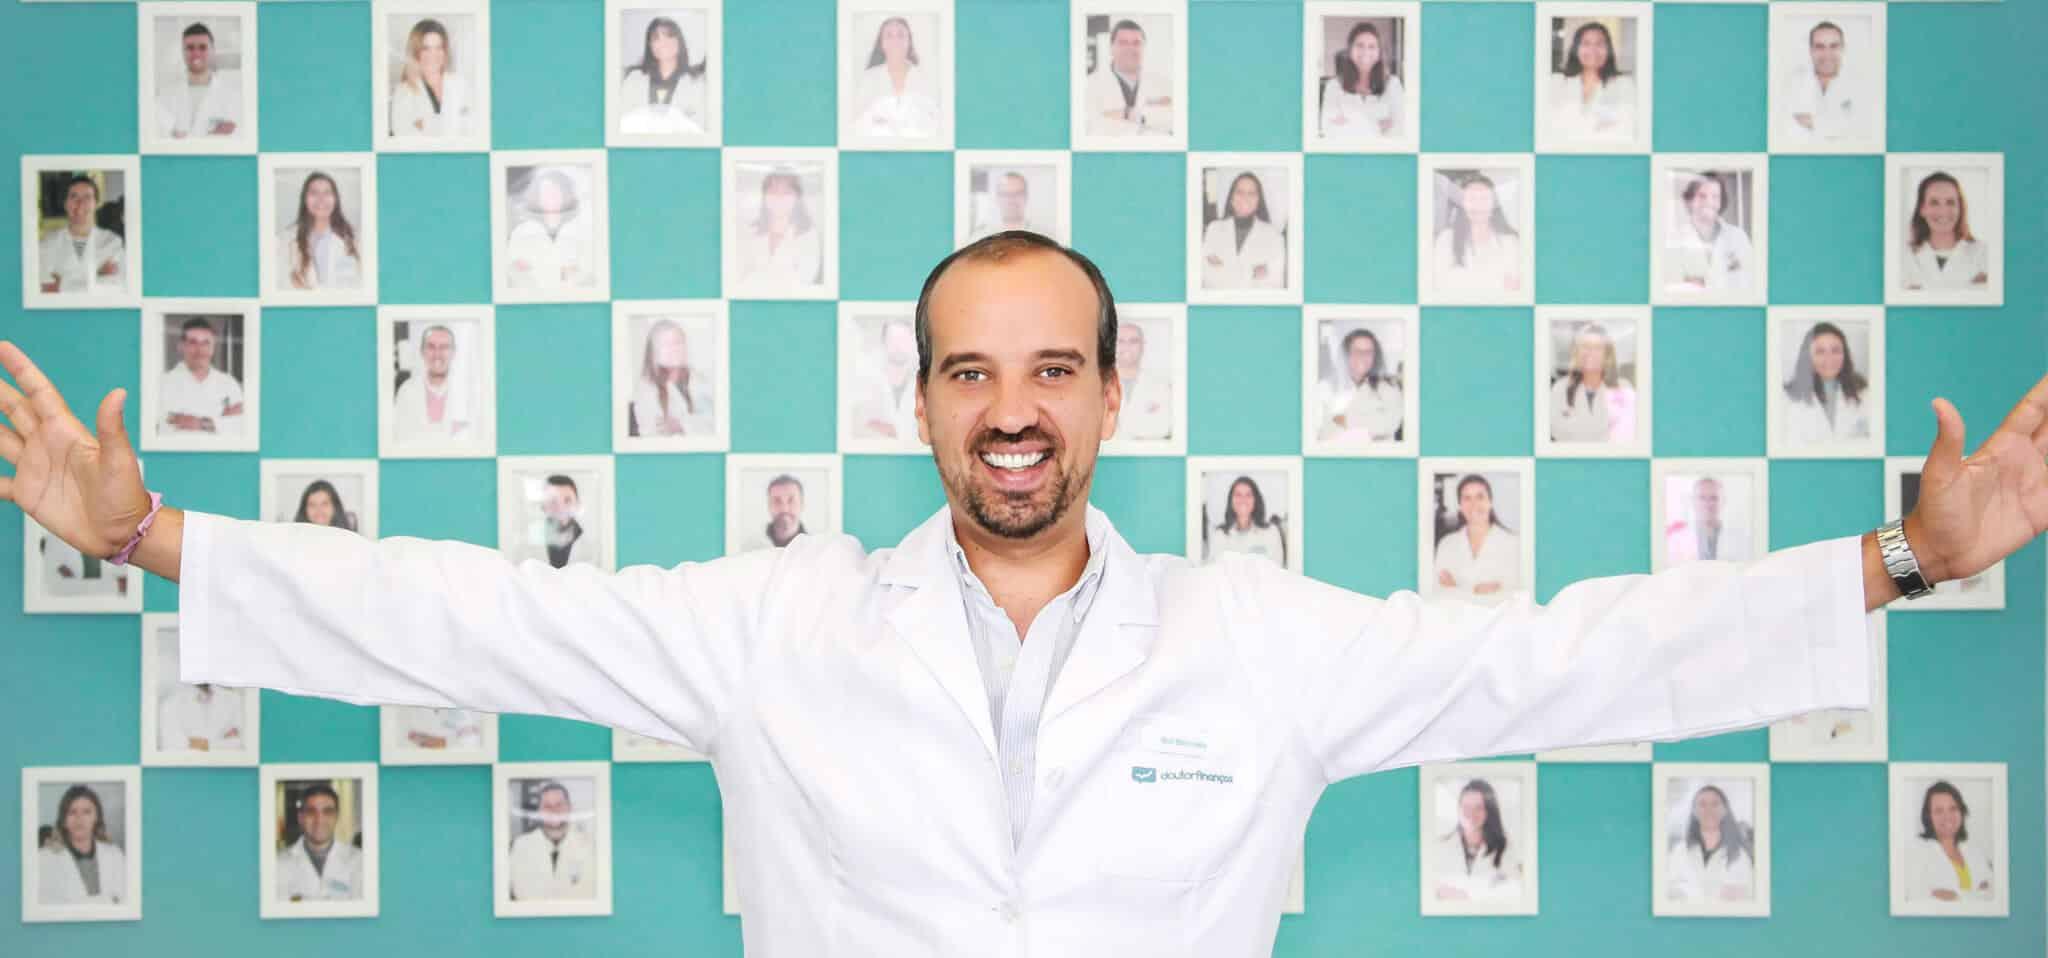 O Doutor Finanças abre a 1ª clínica de Finanças Pessoais em Portugal